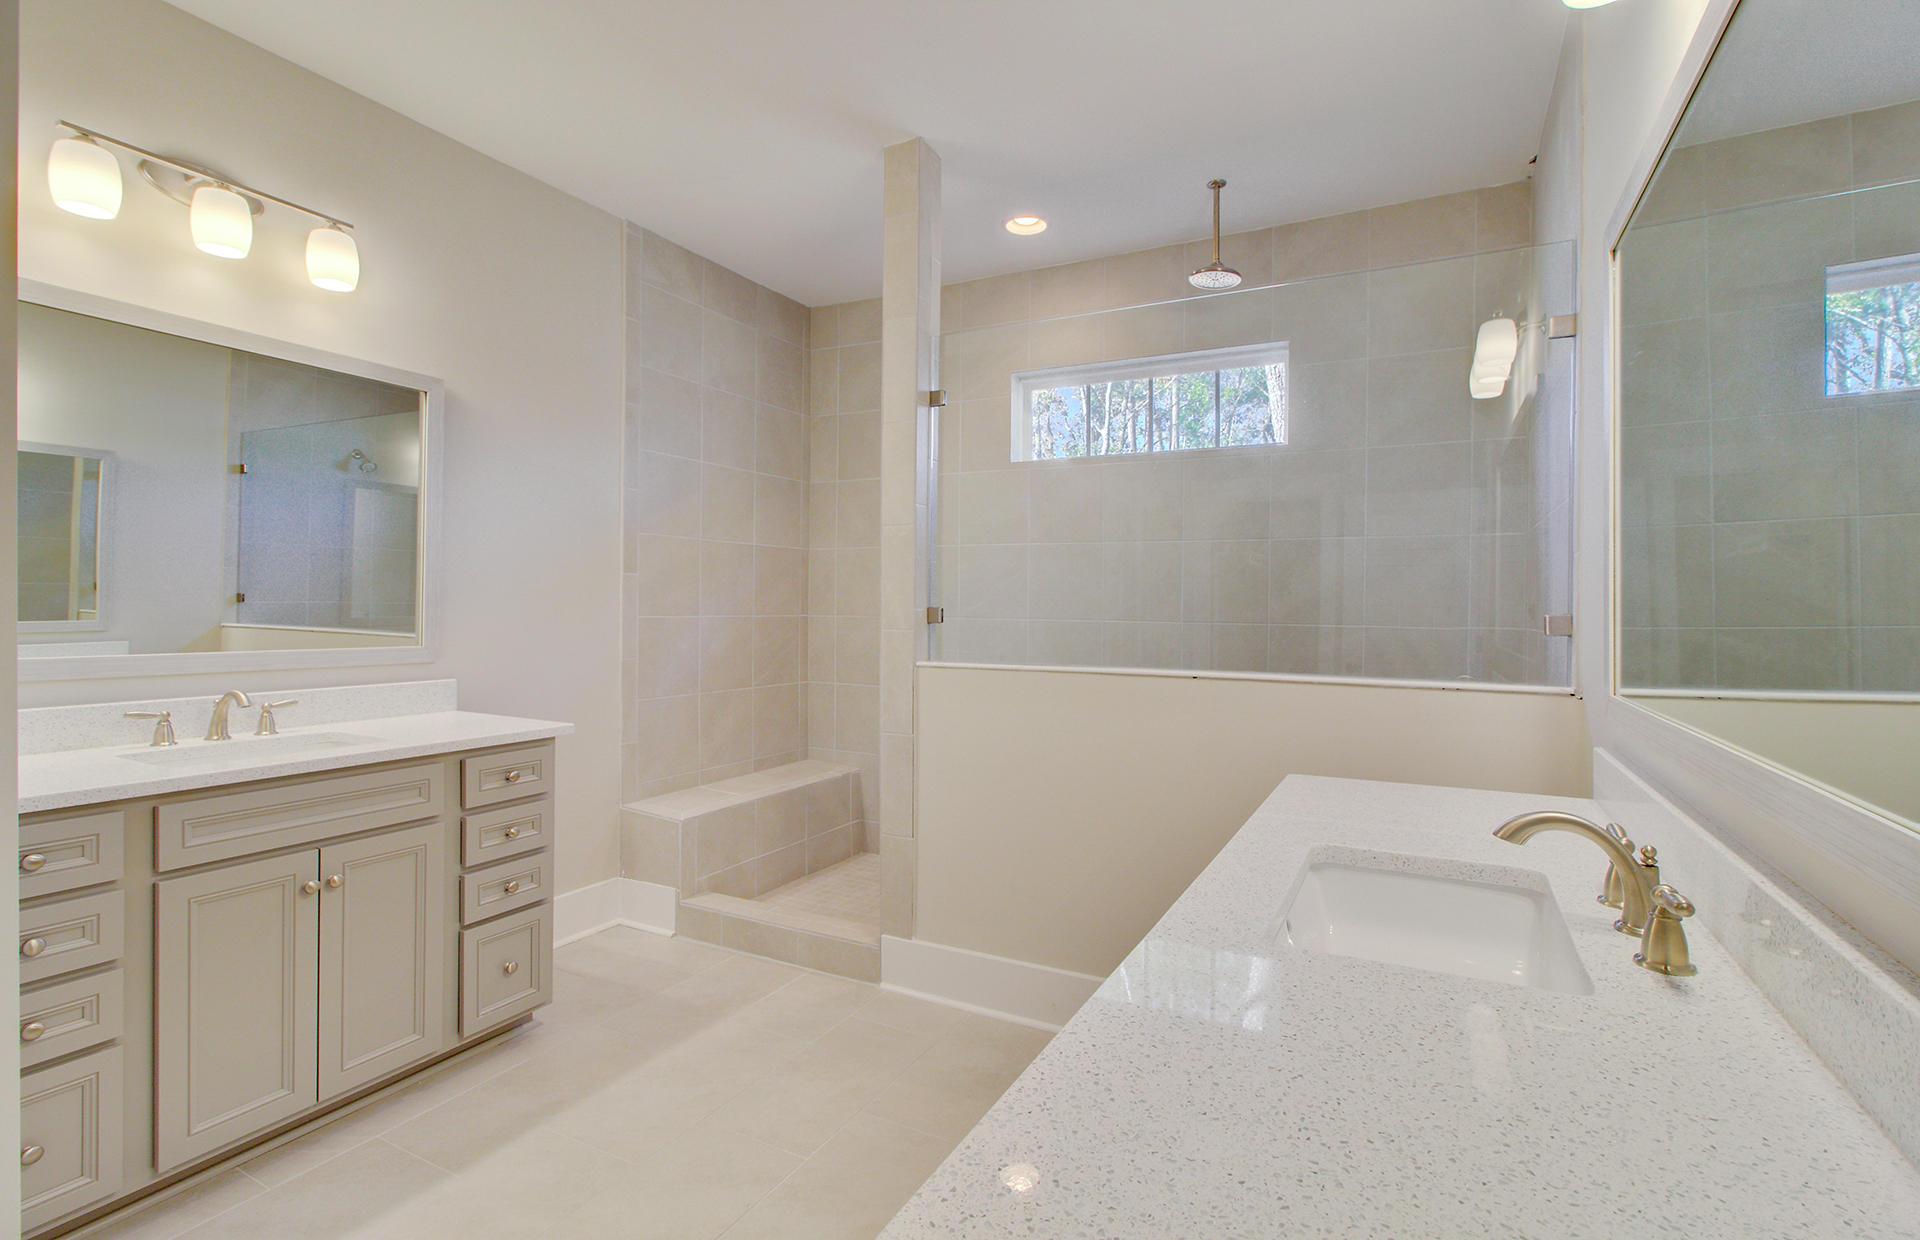 Dunes West Homes For Sale - 2416 Brackish, Mount Pleasant, SC - 23